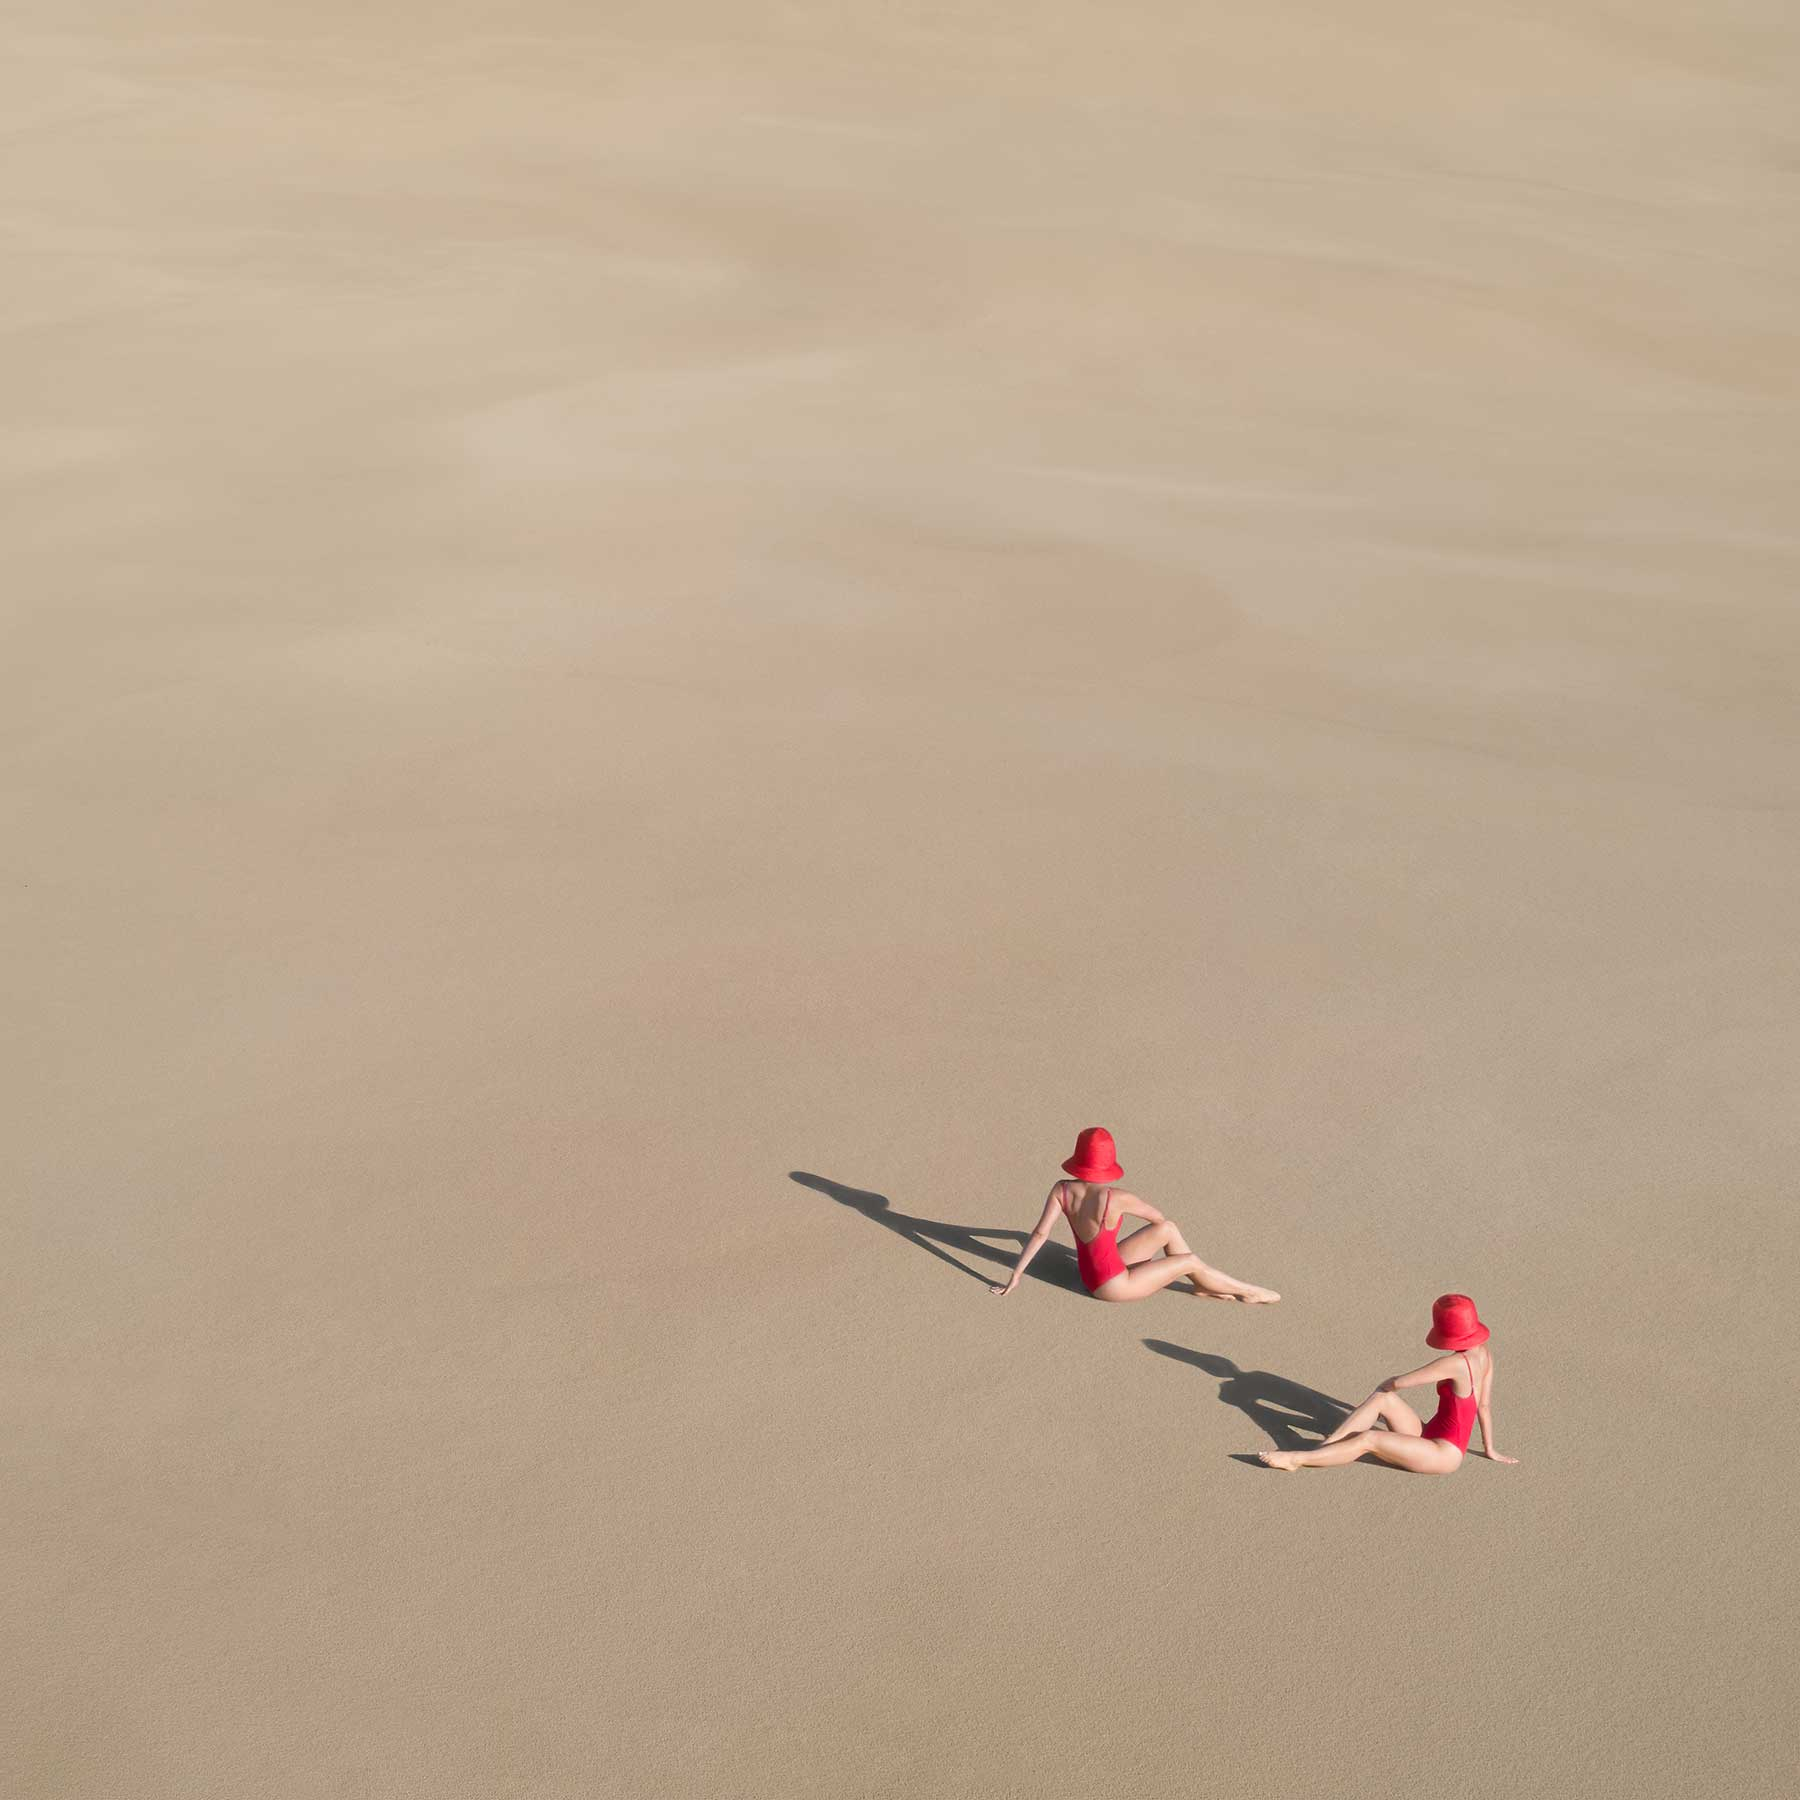 """Fotoreihe """"Detached, in harmony."""" von Brad Walls Brad-Walls-Detached-in-Harmony_08"""